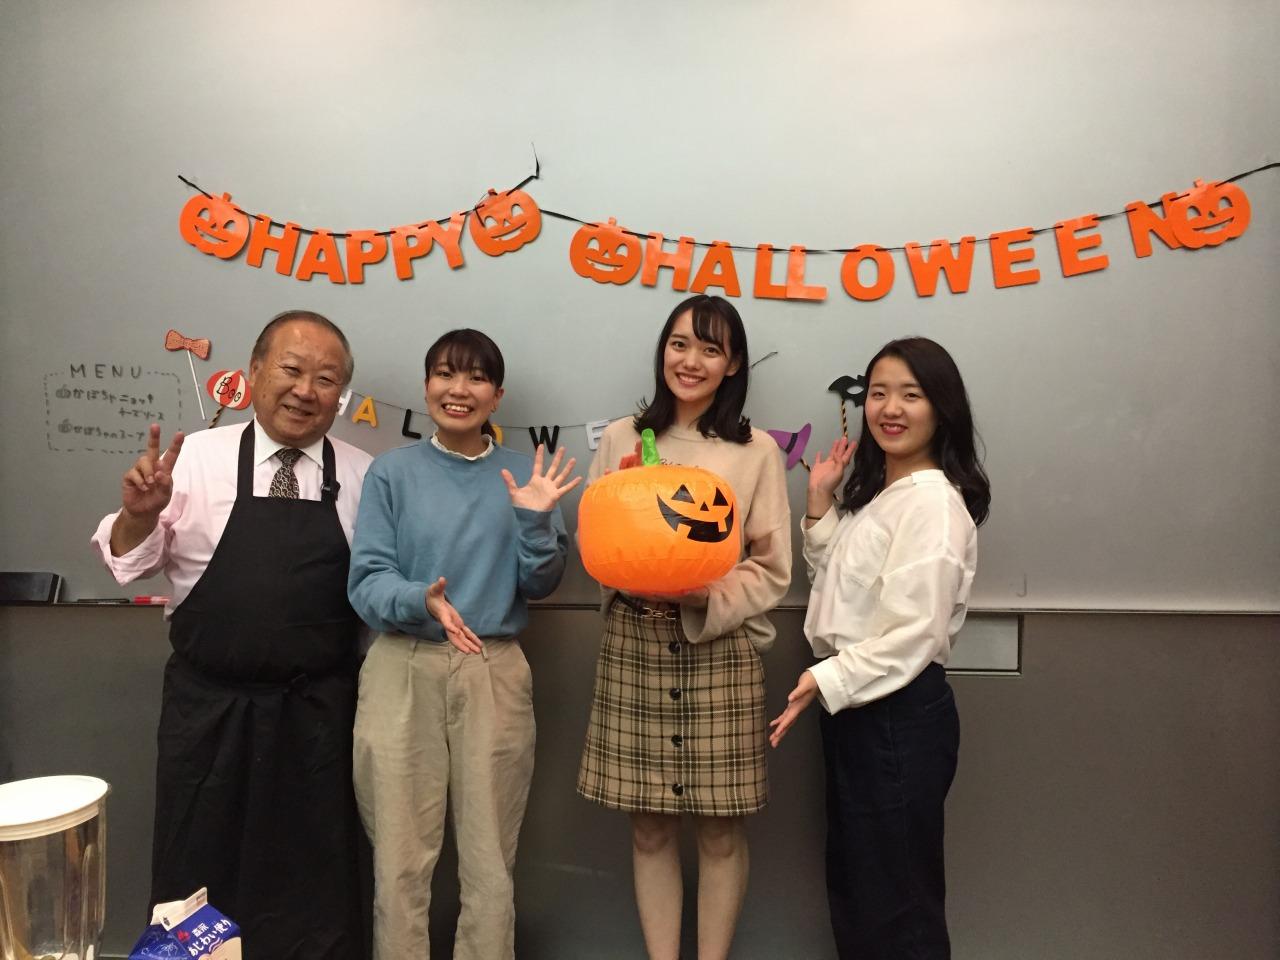 【レストラン研究会】ハロウィン料理前 部長と副部長